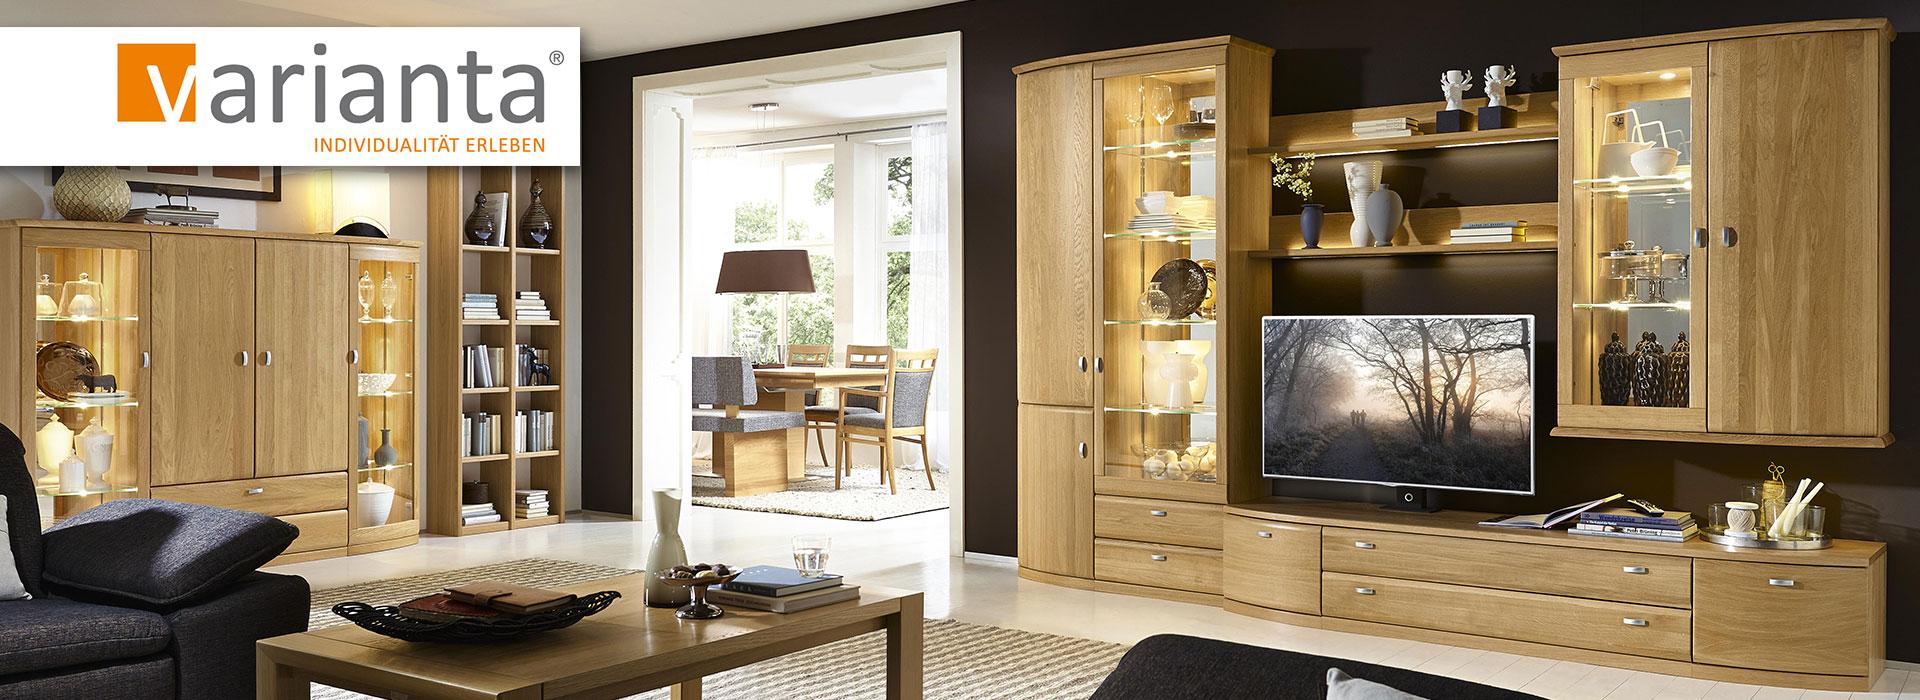 Markenstudios großer Möbelmarken | Einrichtungshaus Schulze Rödental